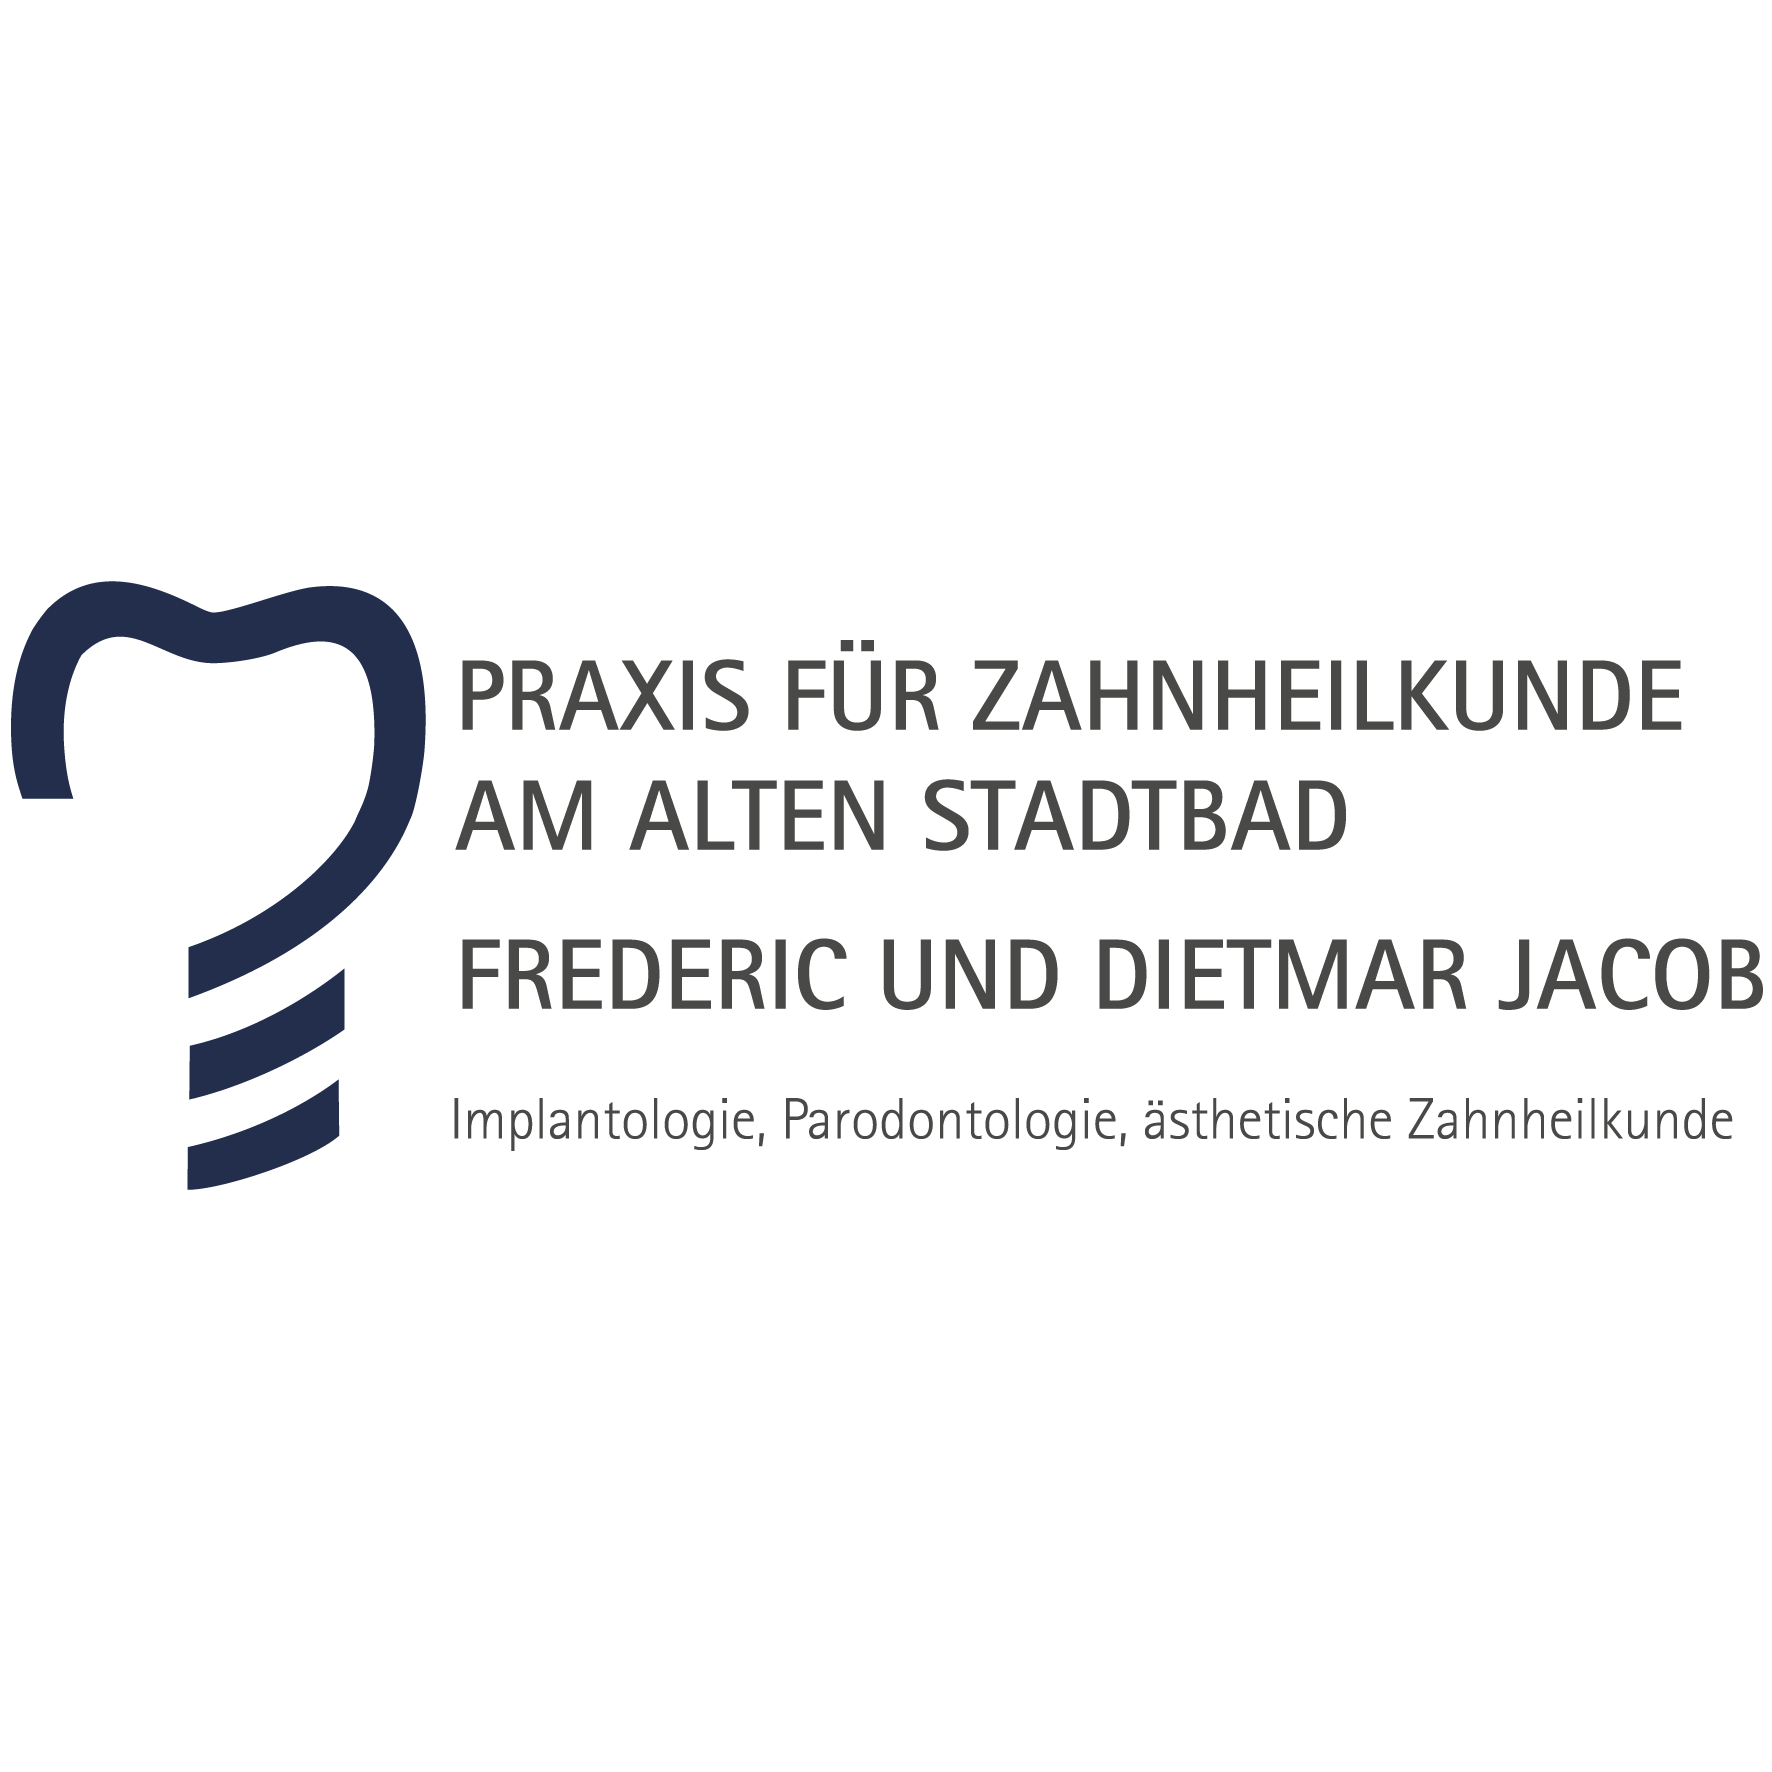 Bild zu PRAXIS FÜR ZAHNHEILKUNDE AM ALTEN STADTBAD in Augsburg